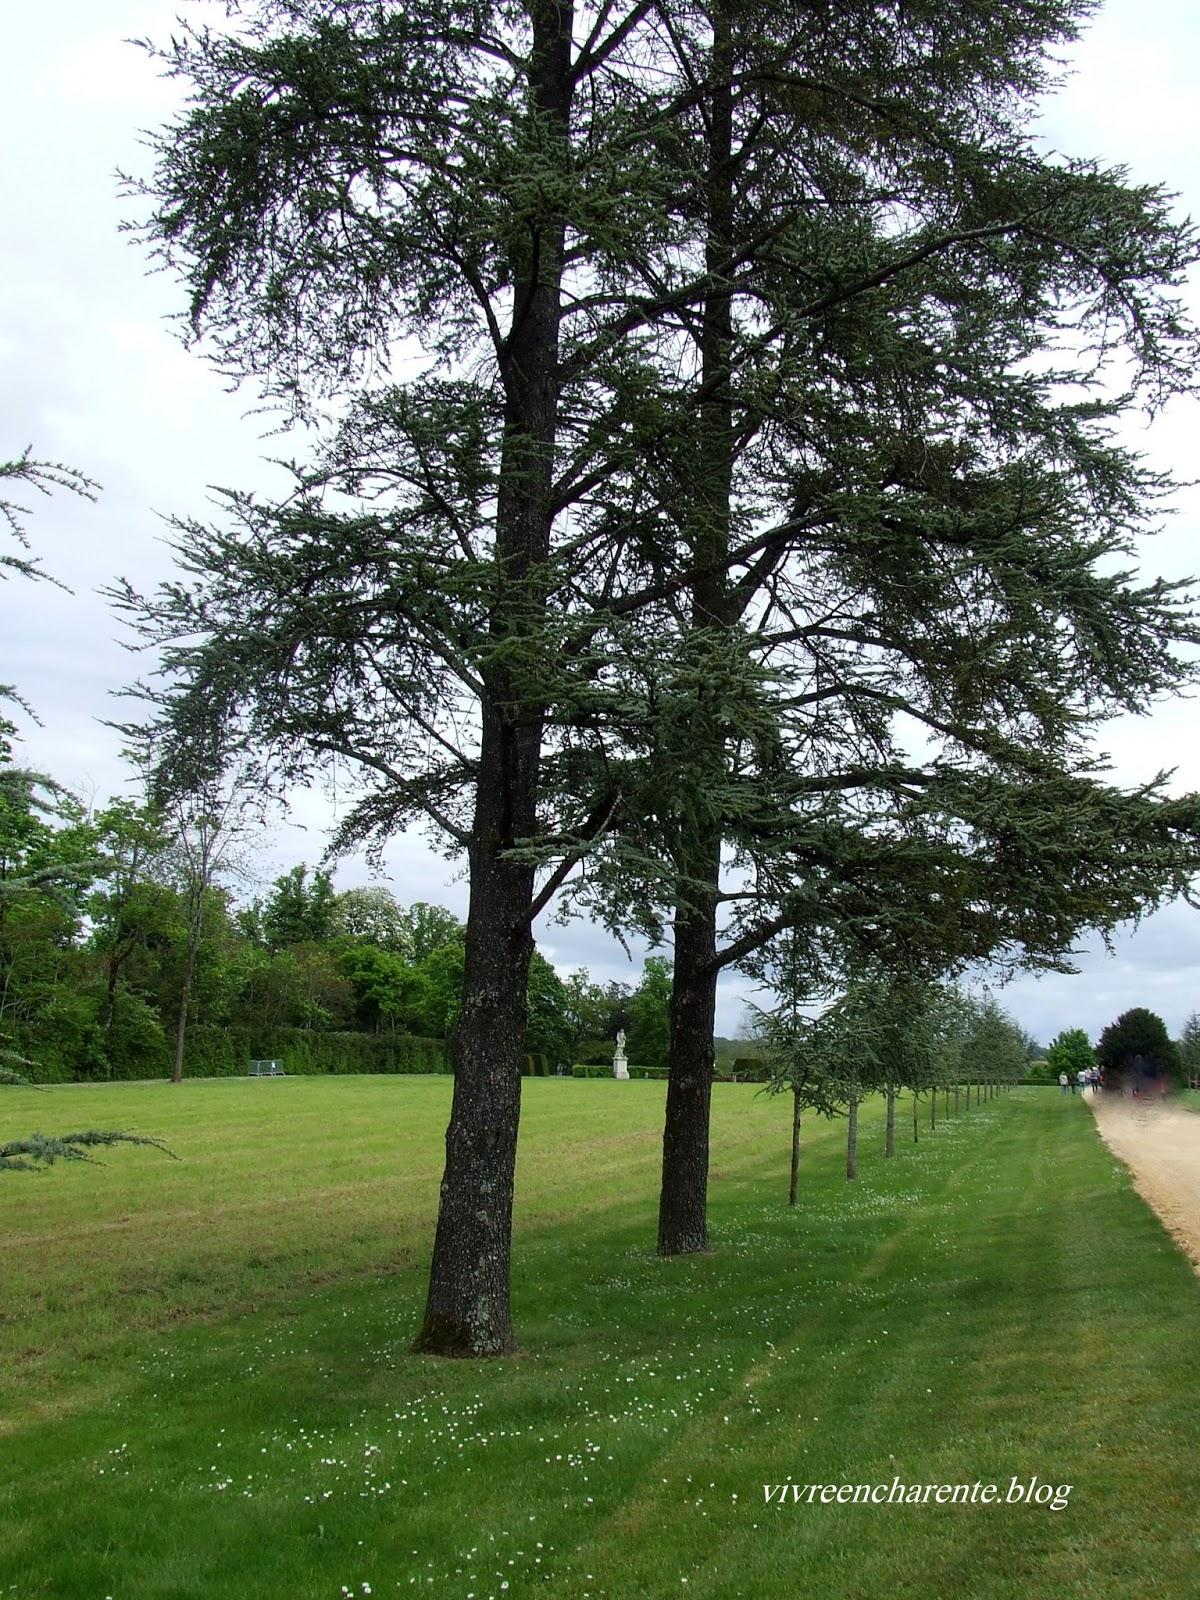 Verteuil sur charente floralies for Parc expo angouleme